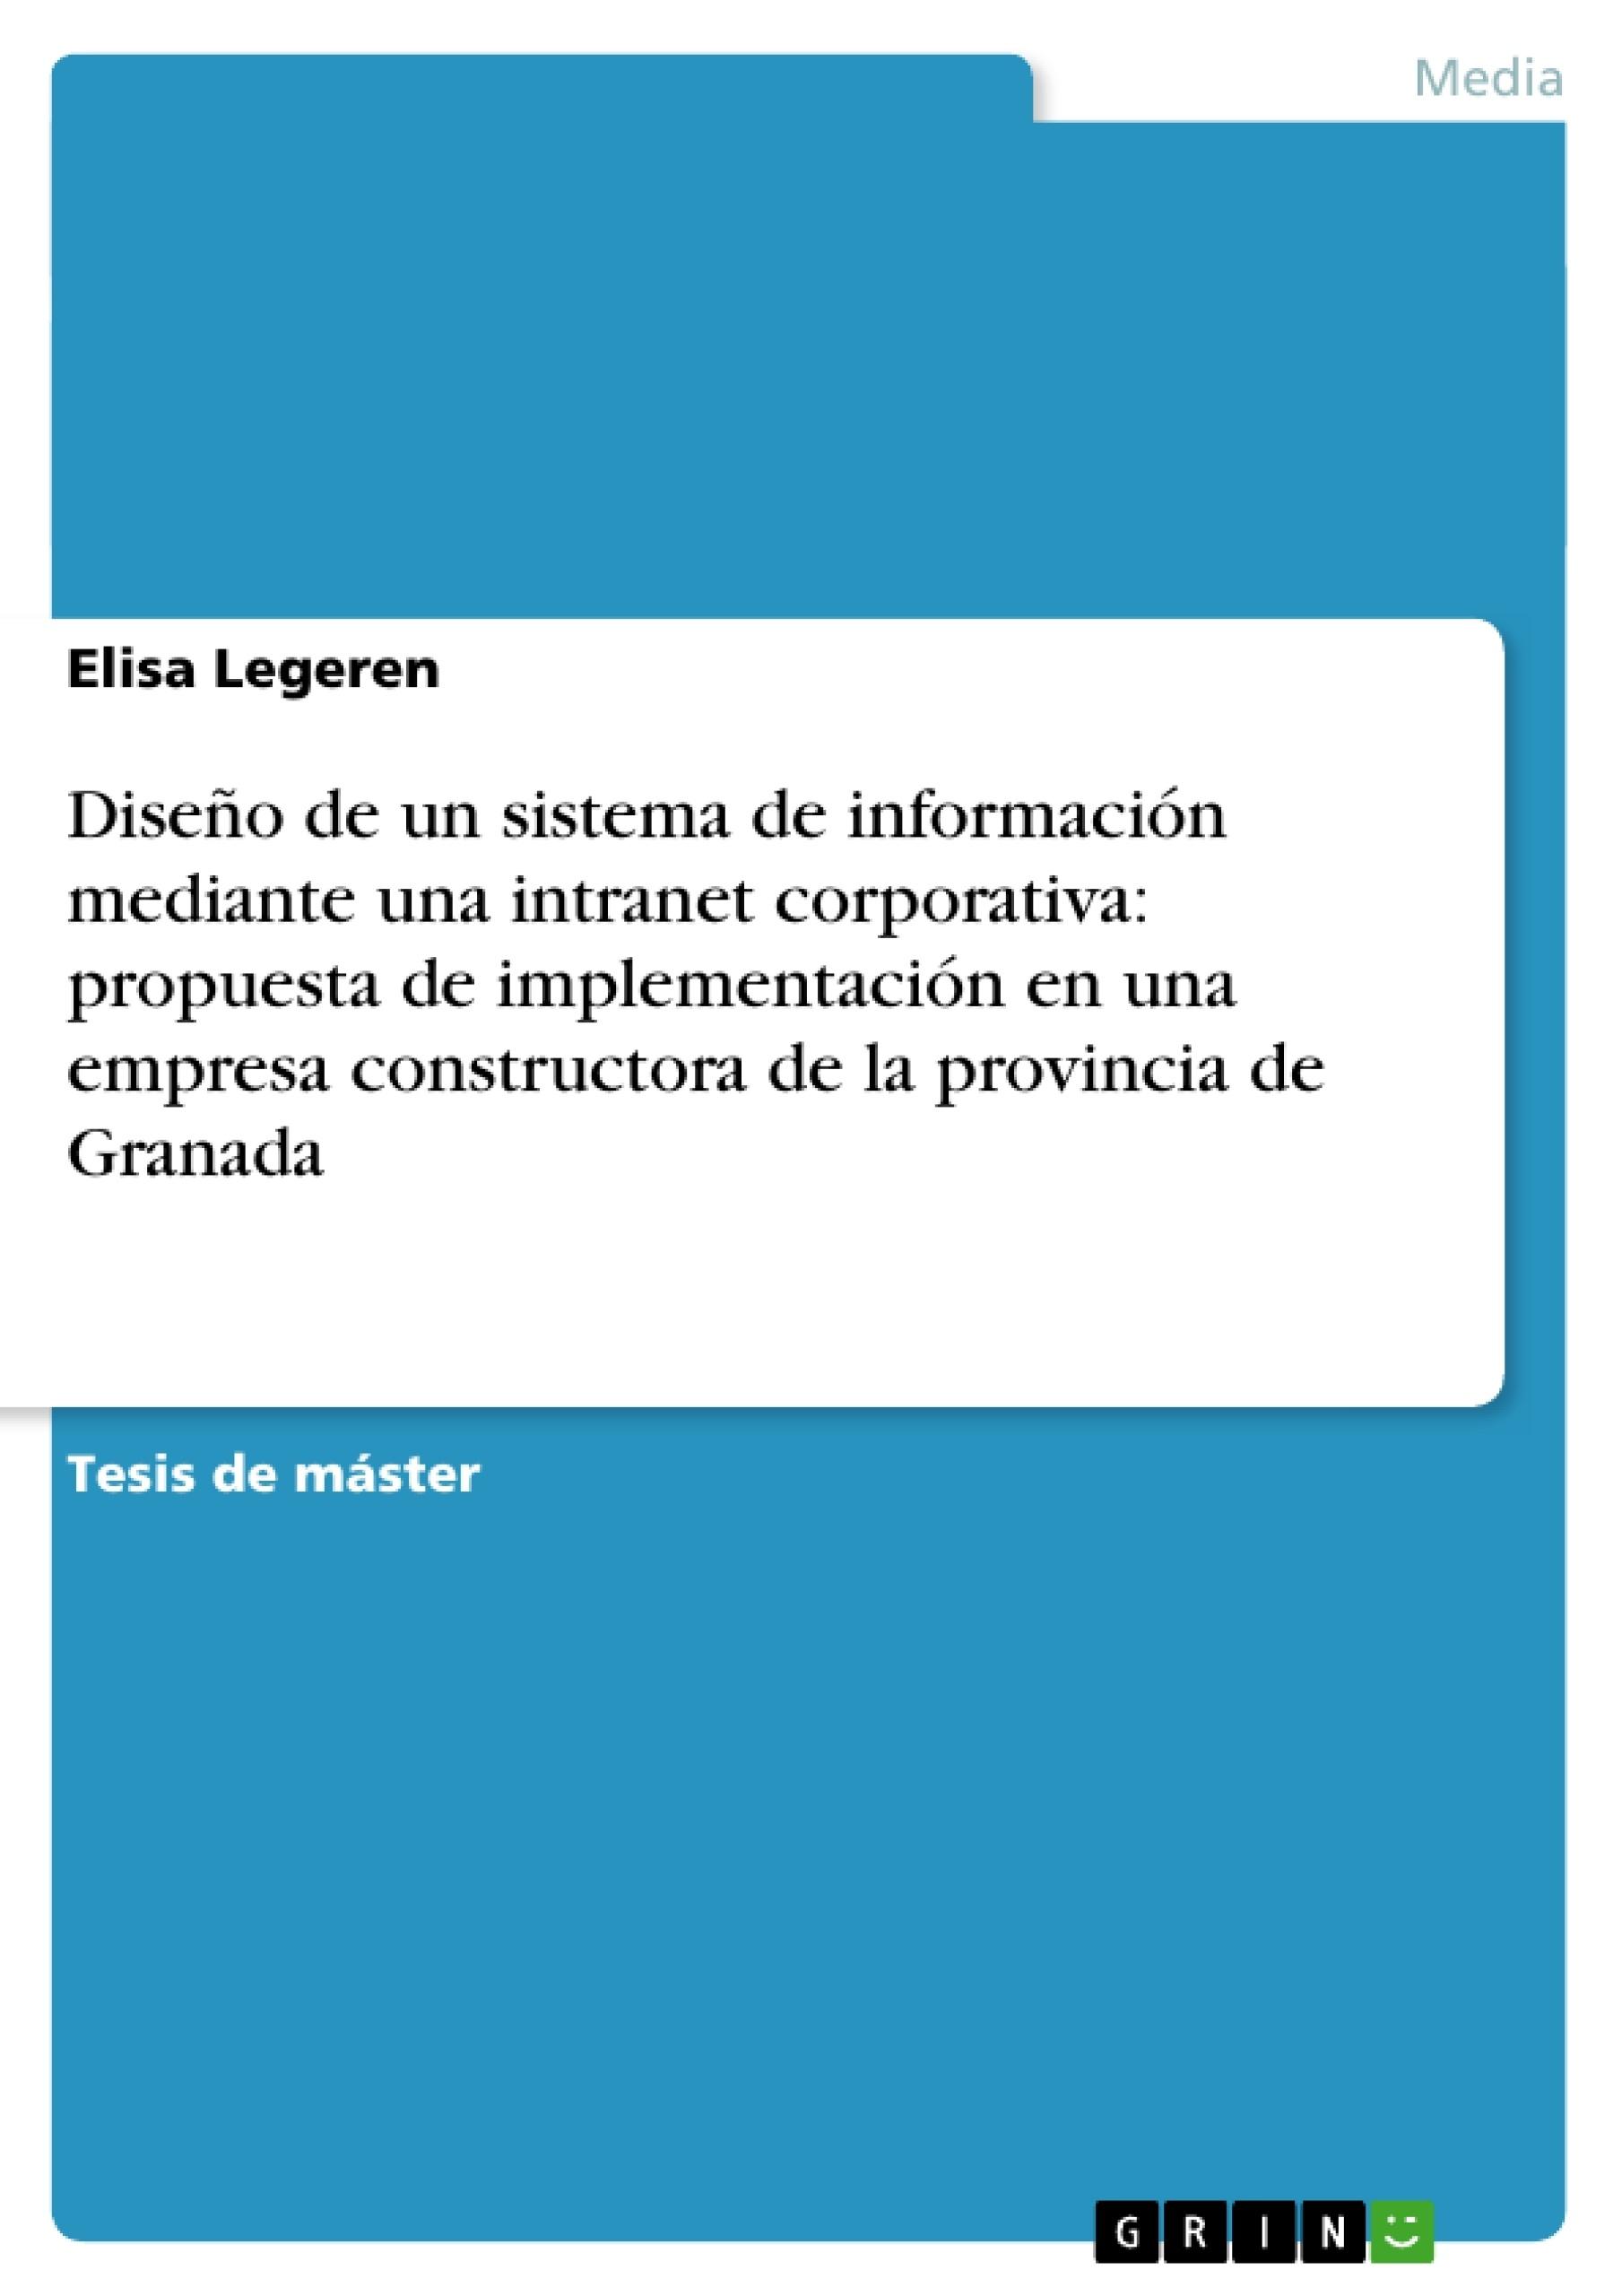 Título: Diseño de un sistema de información mediante una intranet corporativa: propuesta de implementación en una empresa constructora de la provincia de Granada